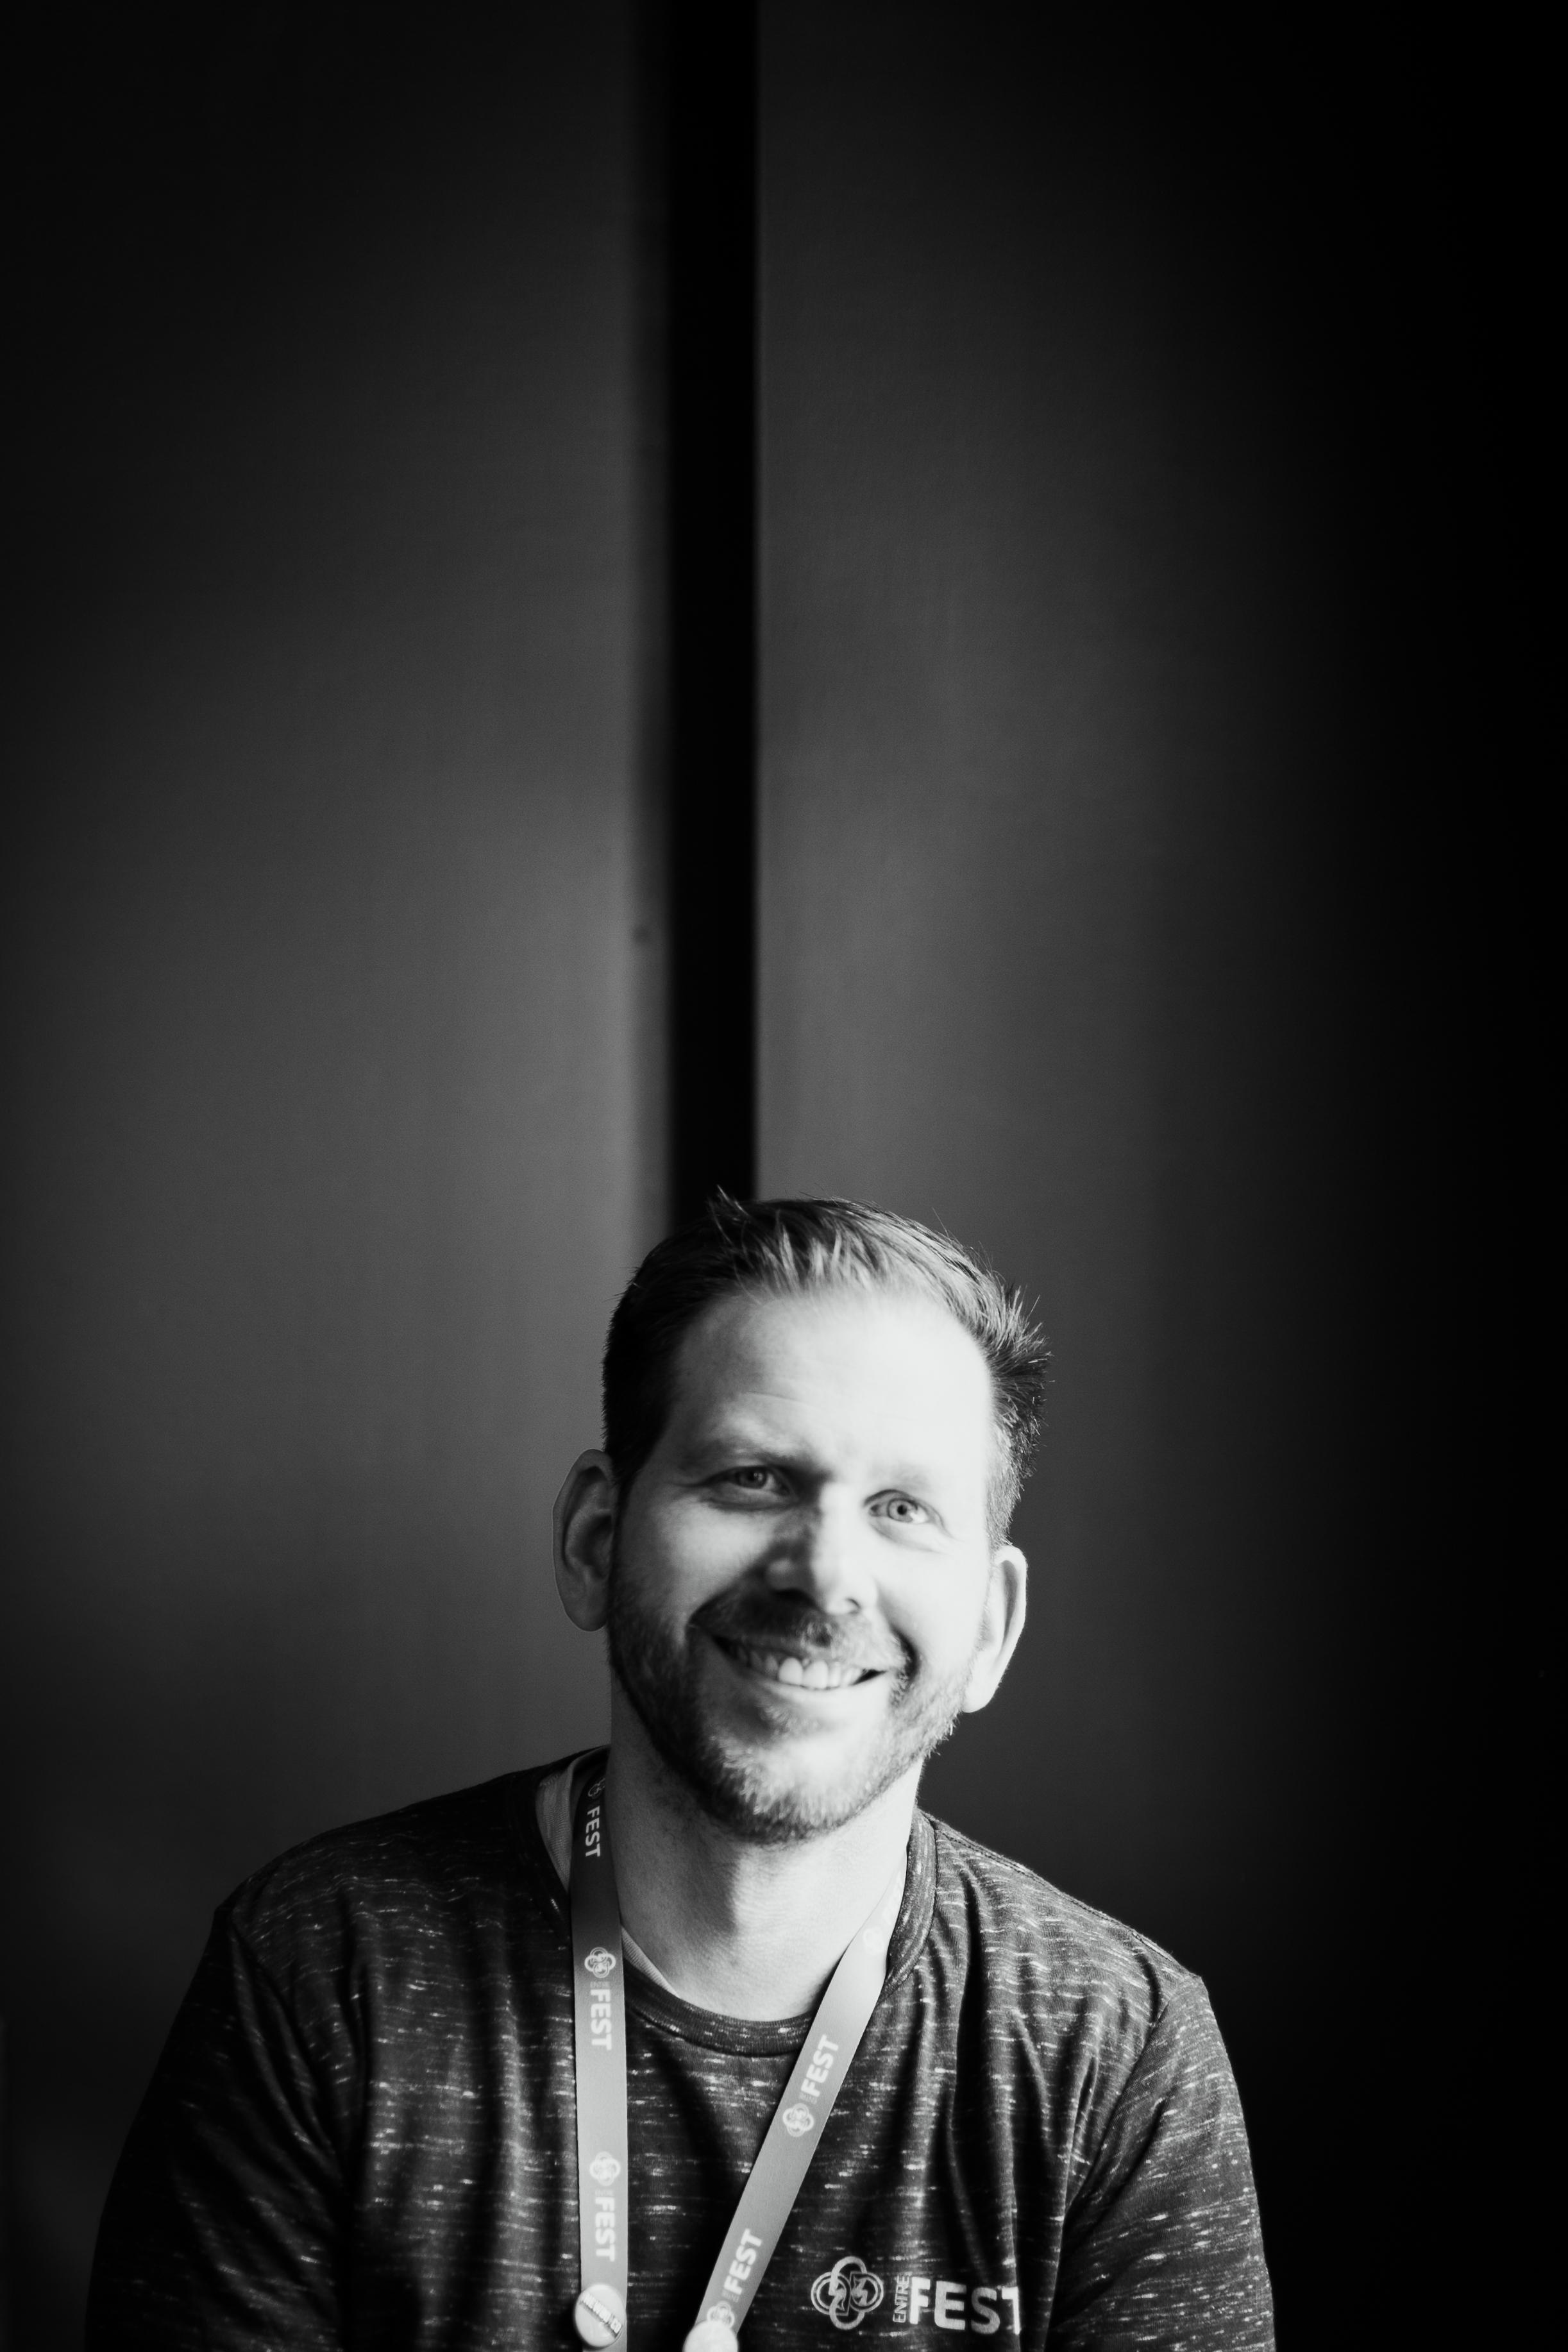 Meet David. David loves the taste of entrepreneurial Kool-Aid. Cheers to that.